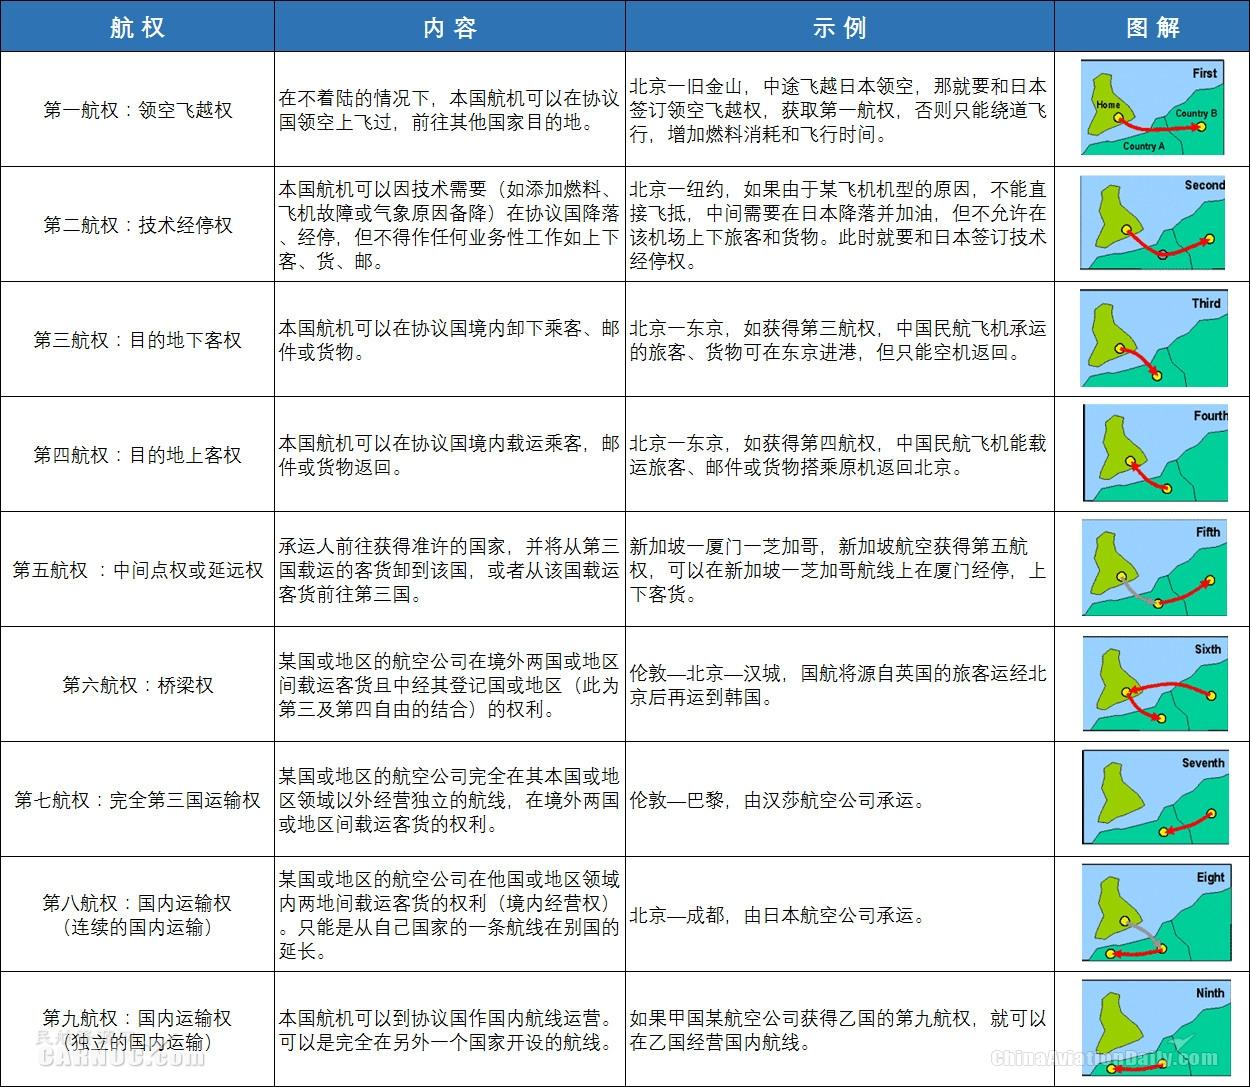 资料来源:中国民航局官网。制表:民航资源网